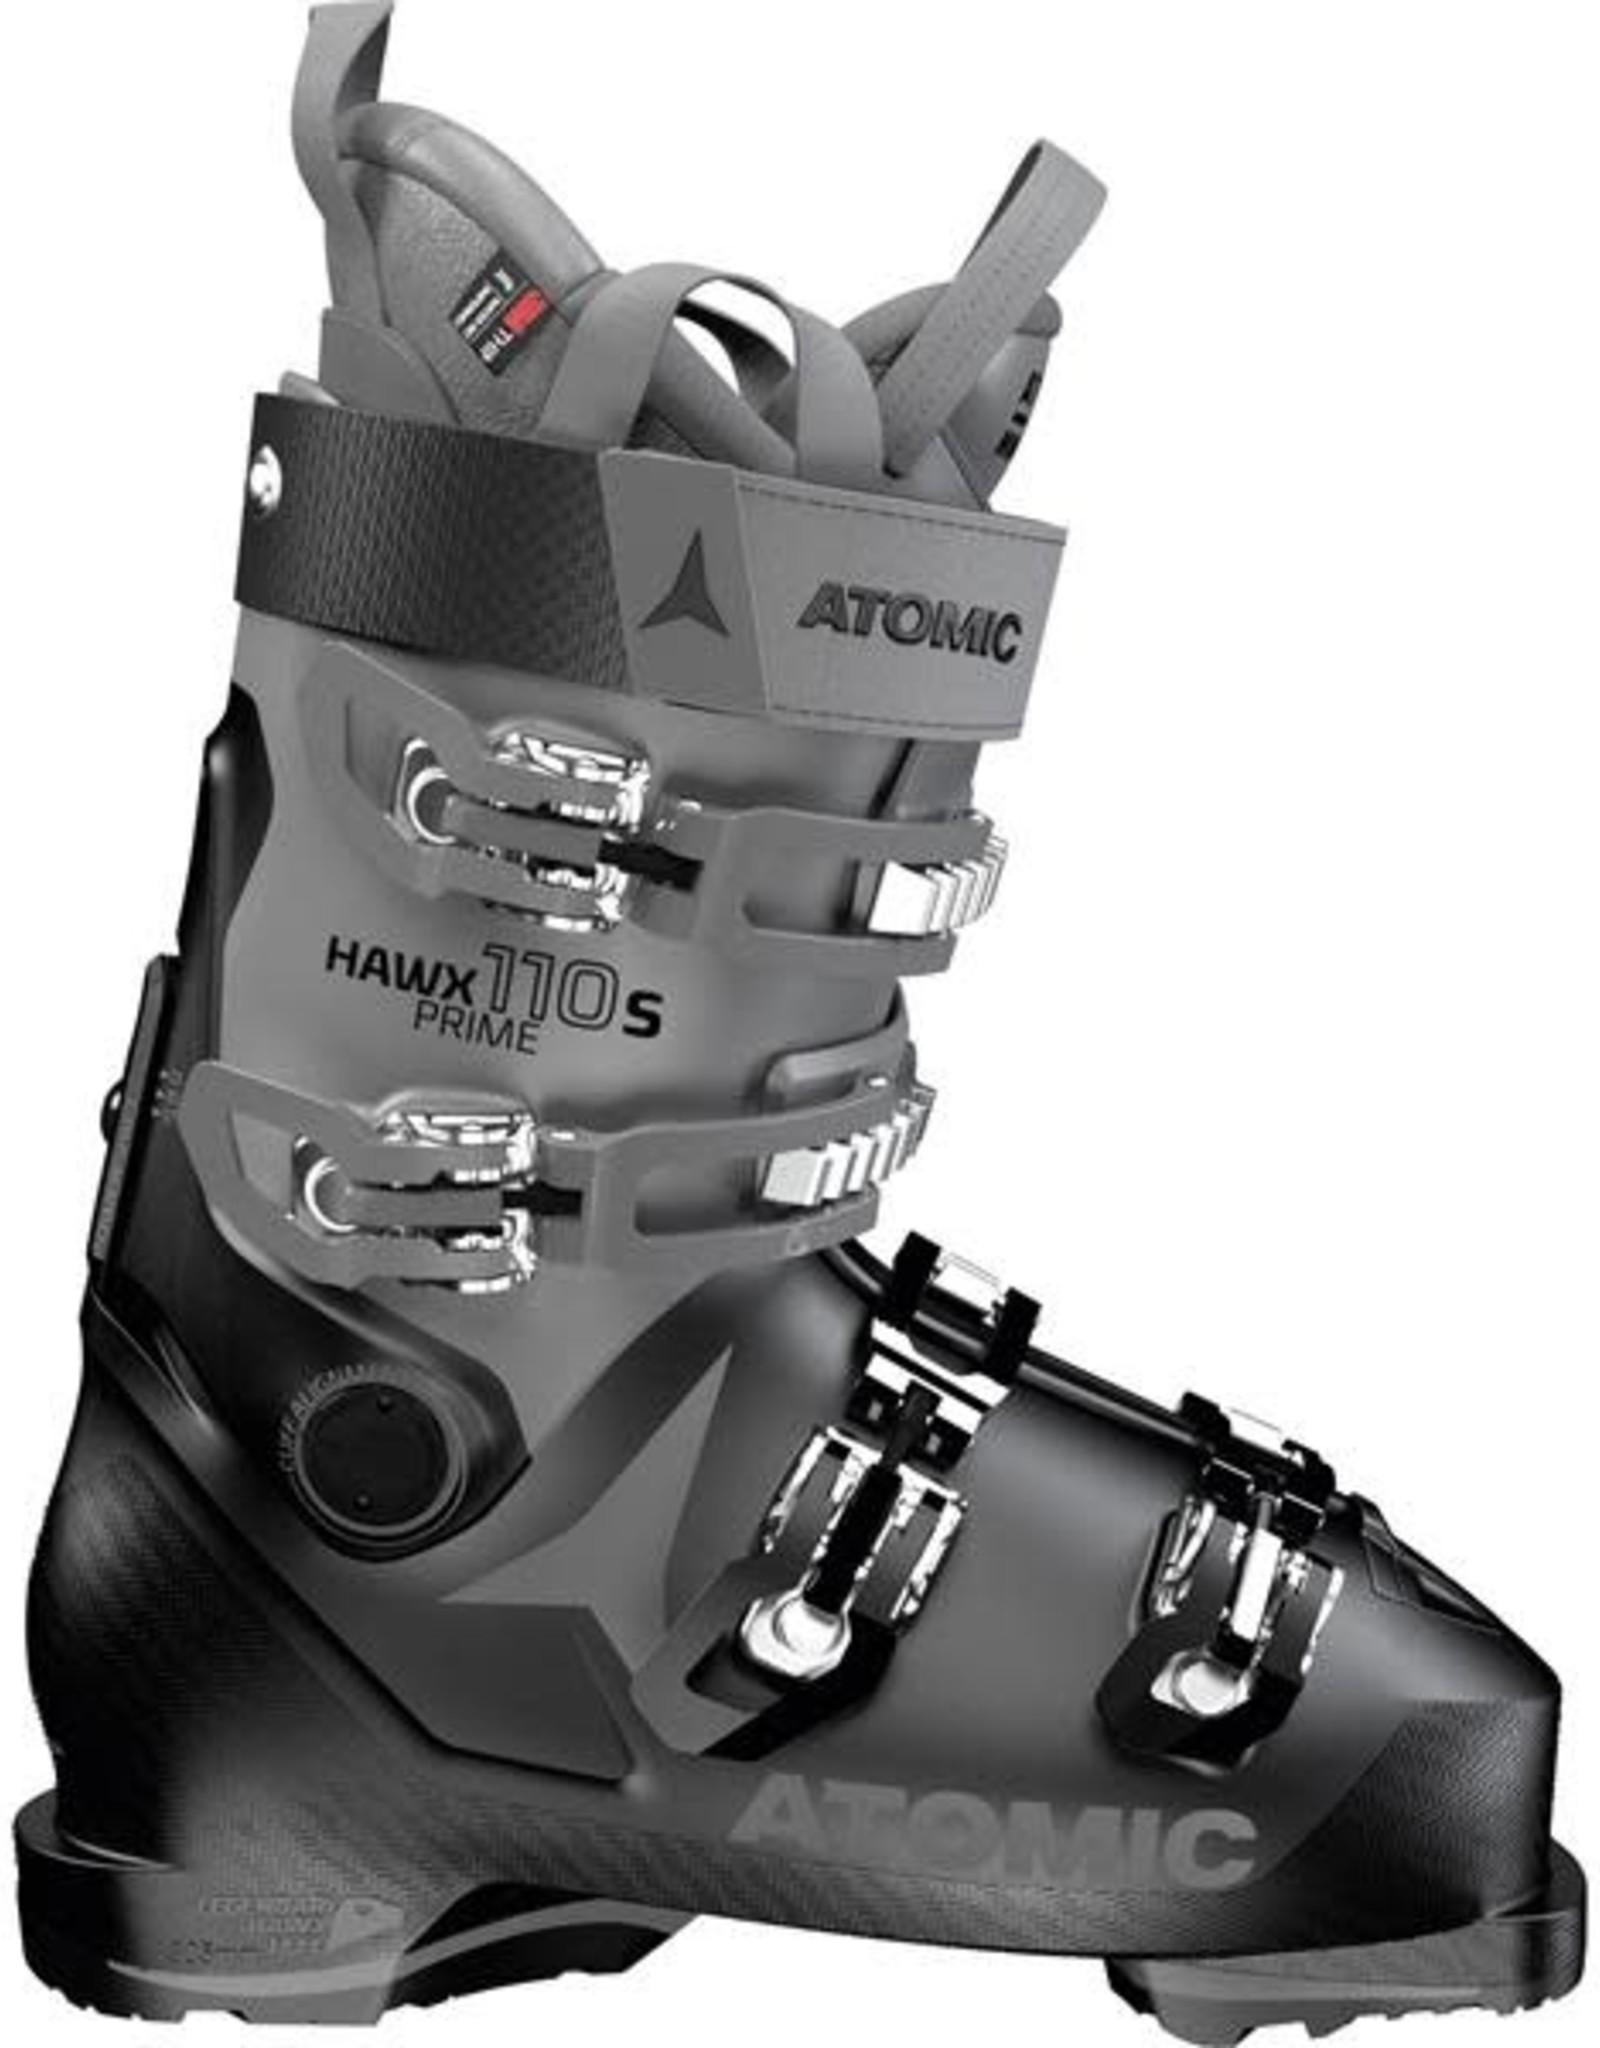 ATOMIC ATOMIC Ski Boots HAWX PRIME 110 S GW (21/22)